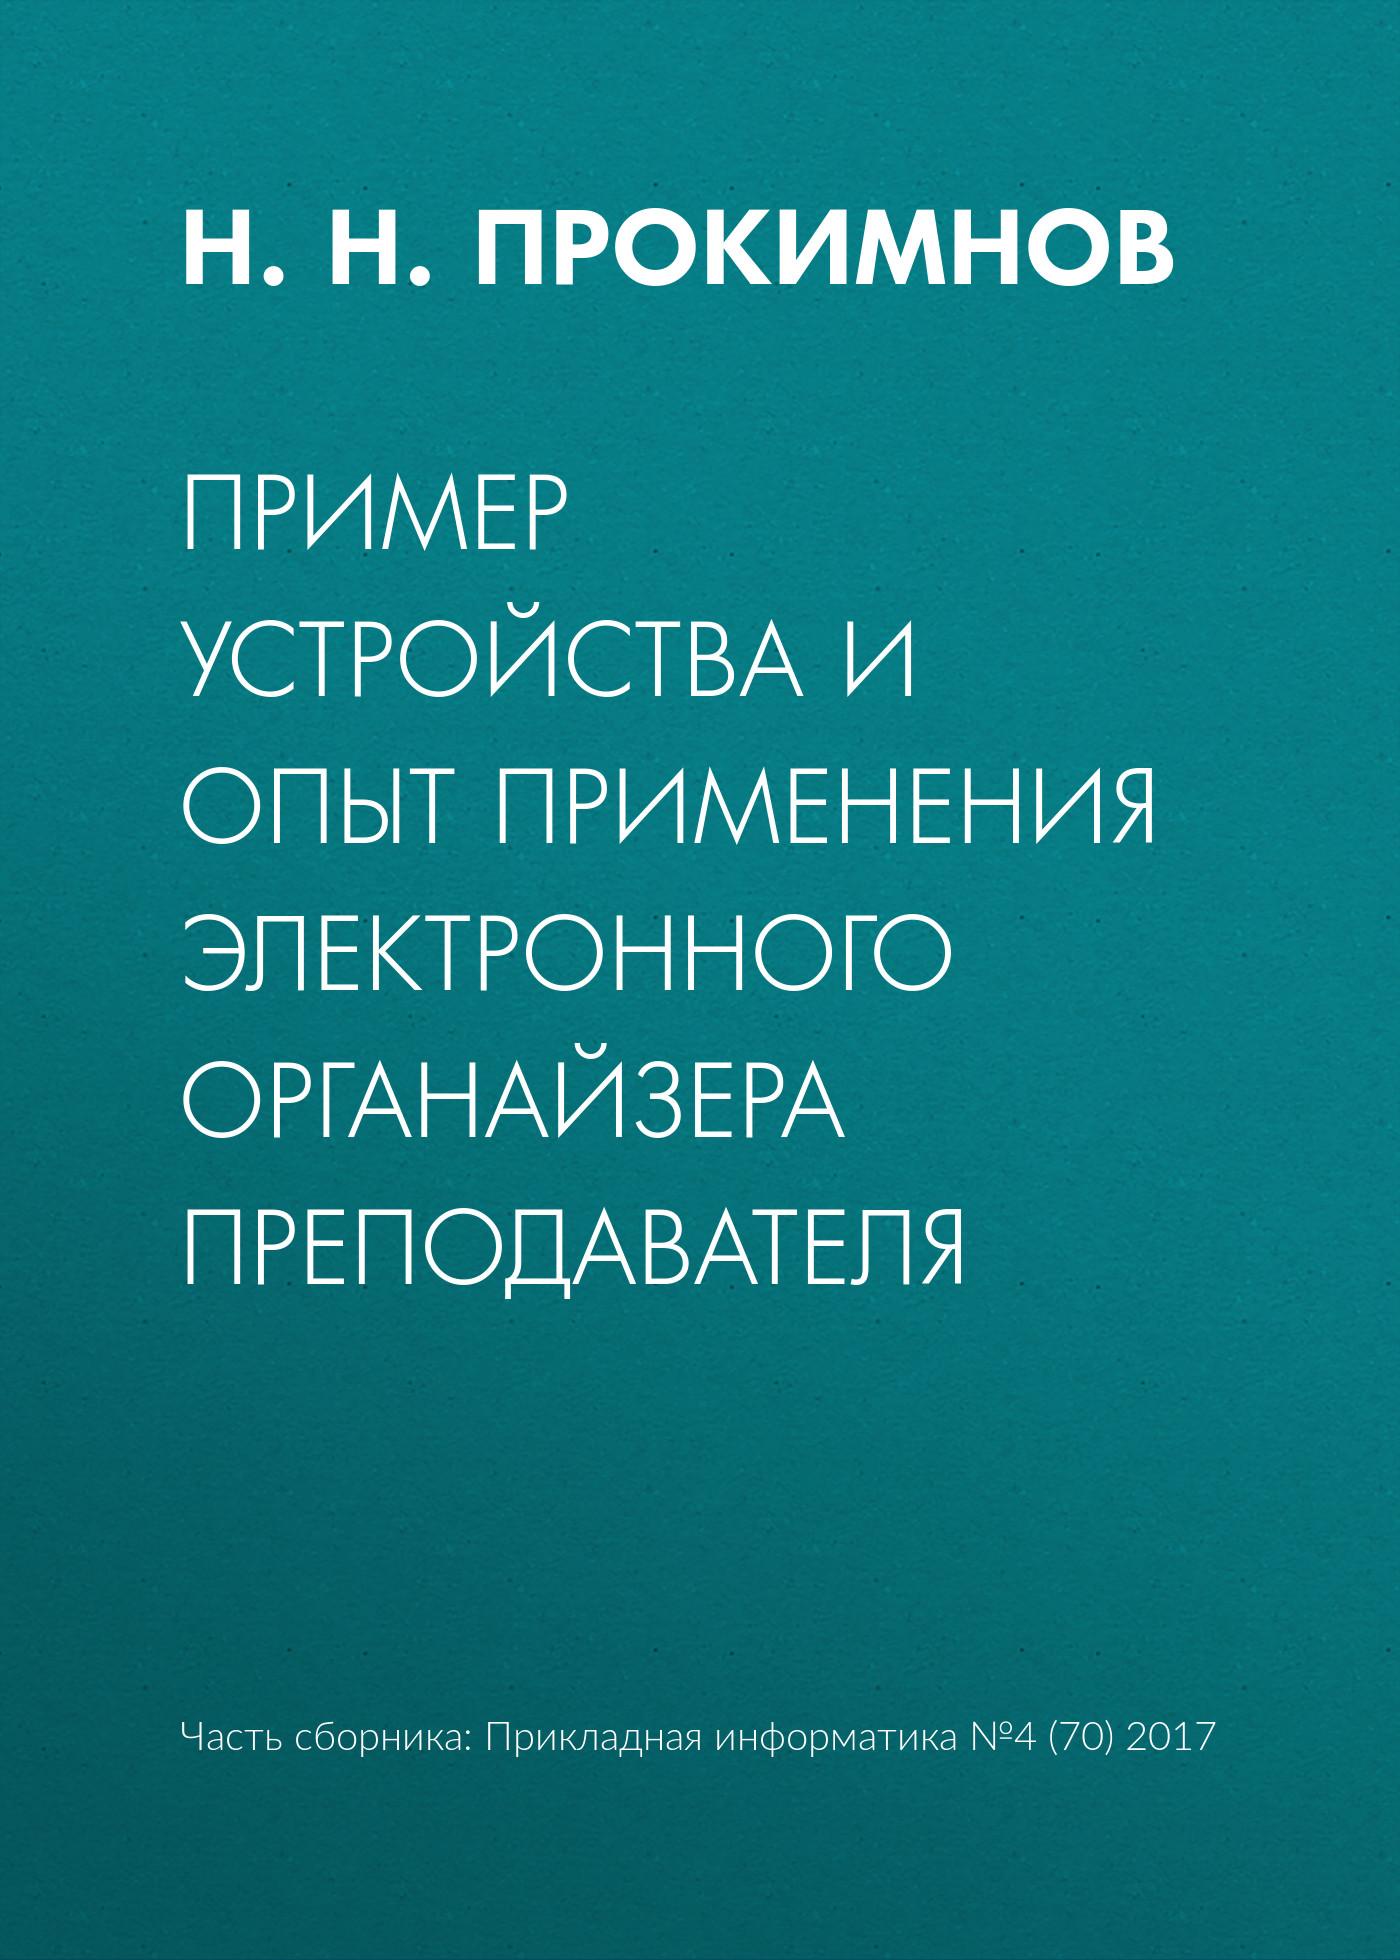 Н. Прокимнов Пример устройства и опыт применения электронного органайзера преподавателя